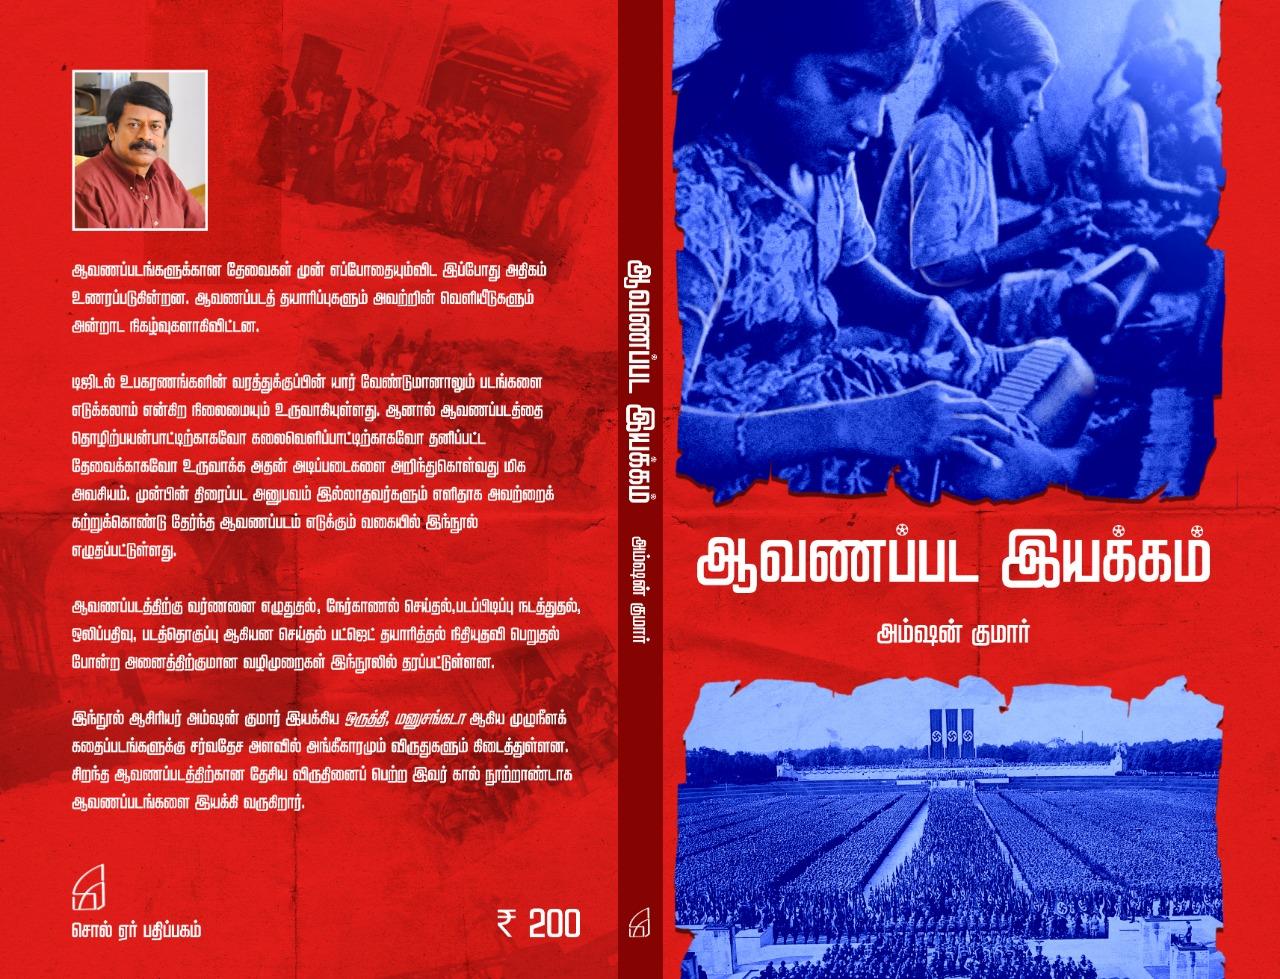 """அம்ஷன் குமார் """"ஆவணப்பட இயக்கம்"""" நூல் வெளியீடு"""